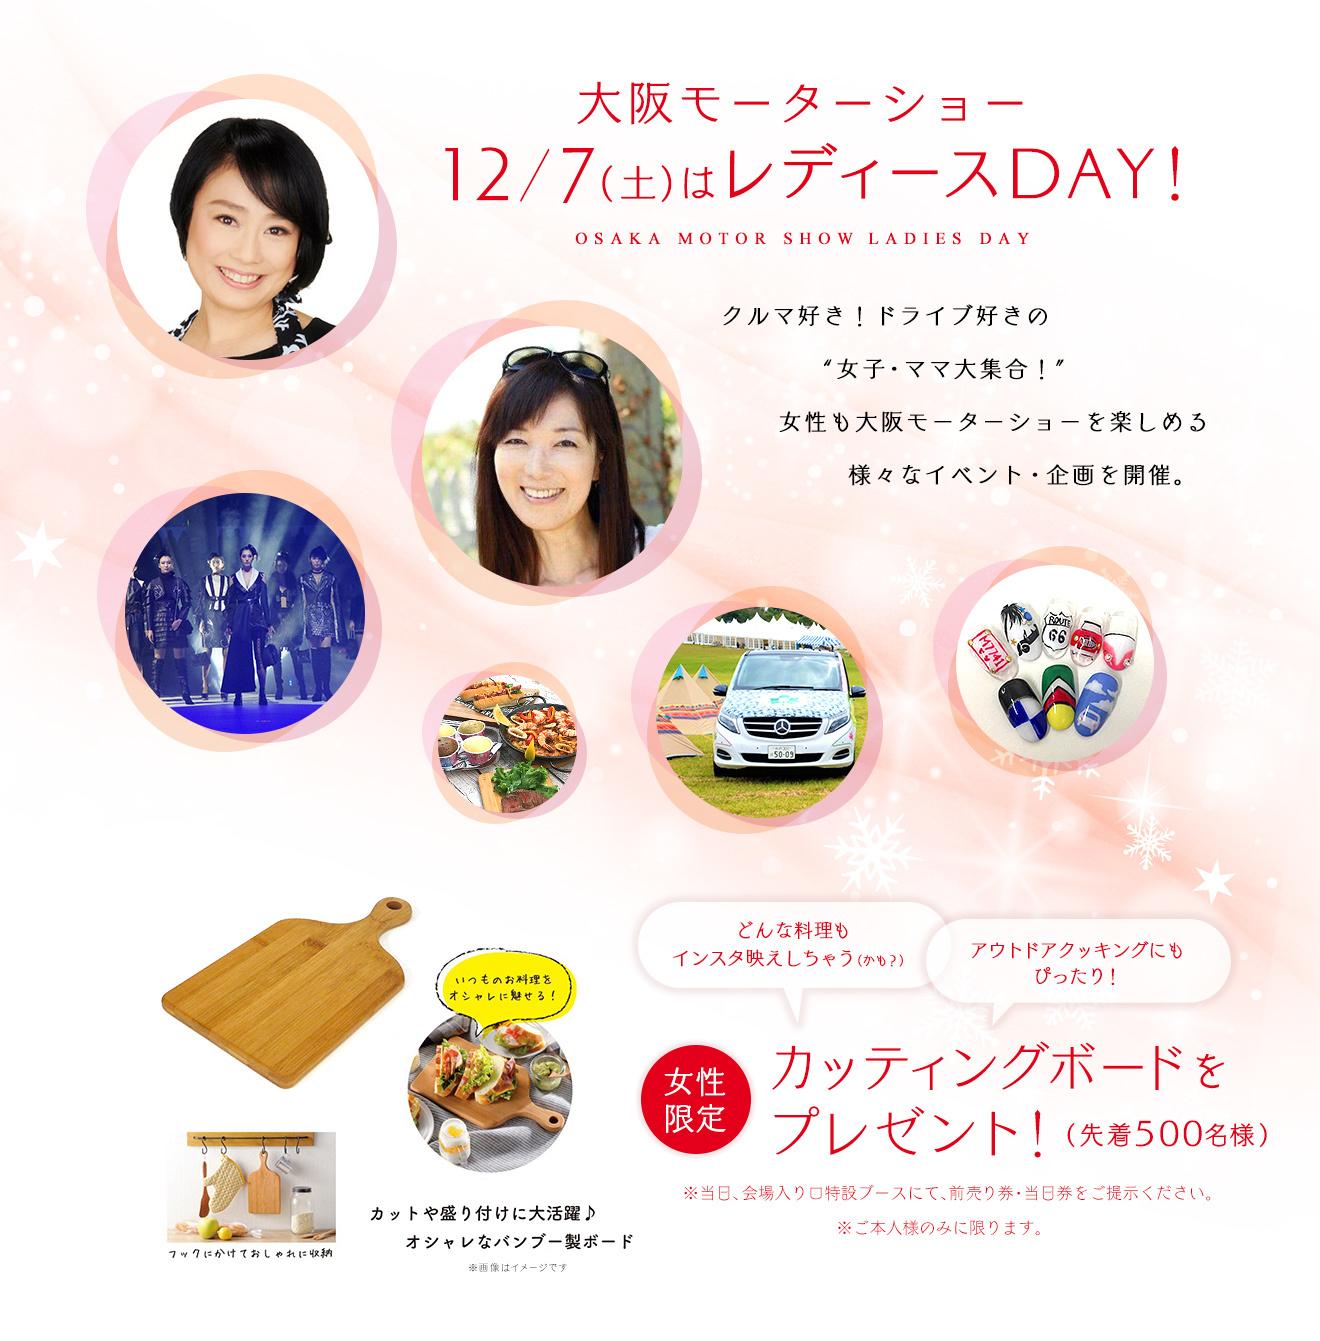 『第11回大阪モーターショー』で12月7日(土)にレディースDAYが開催される